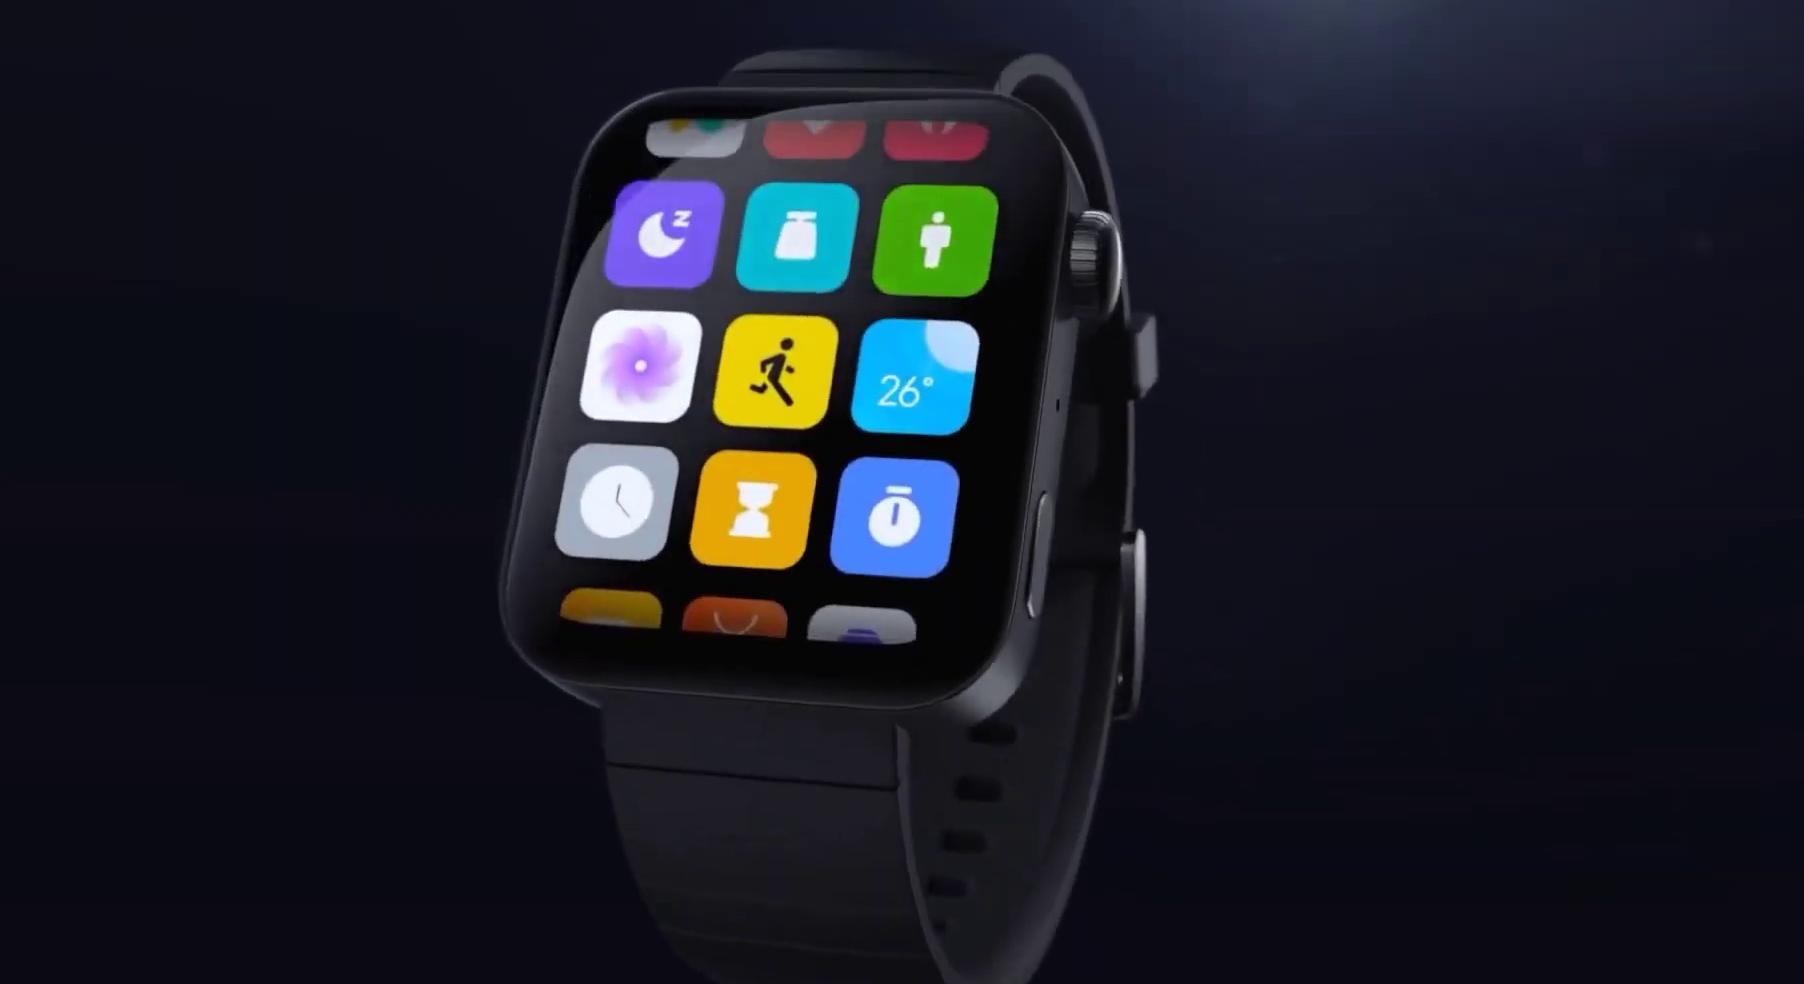 Xiaomi Smartwatch Vorgestellt Das Kann Die Apple Watch Fur Android Nutzer